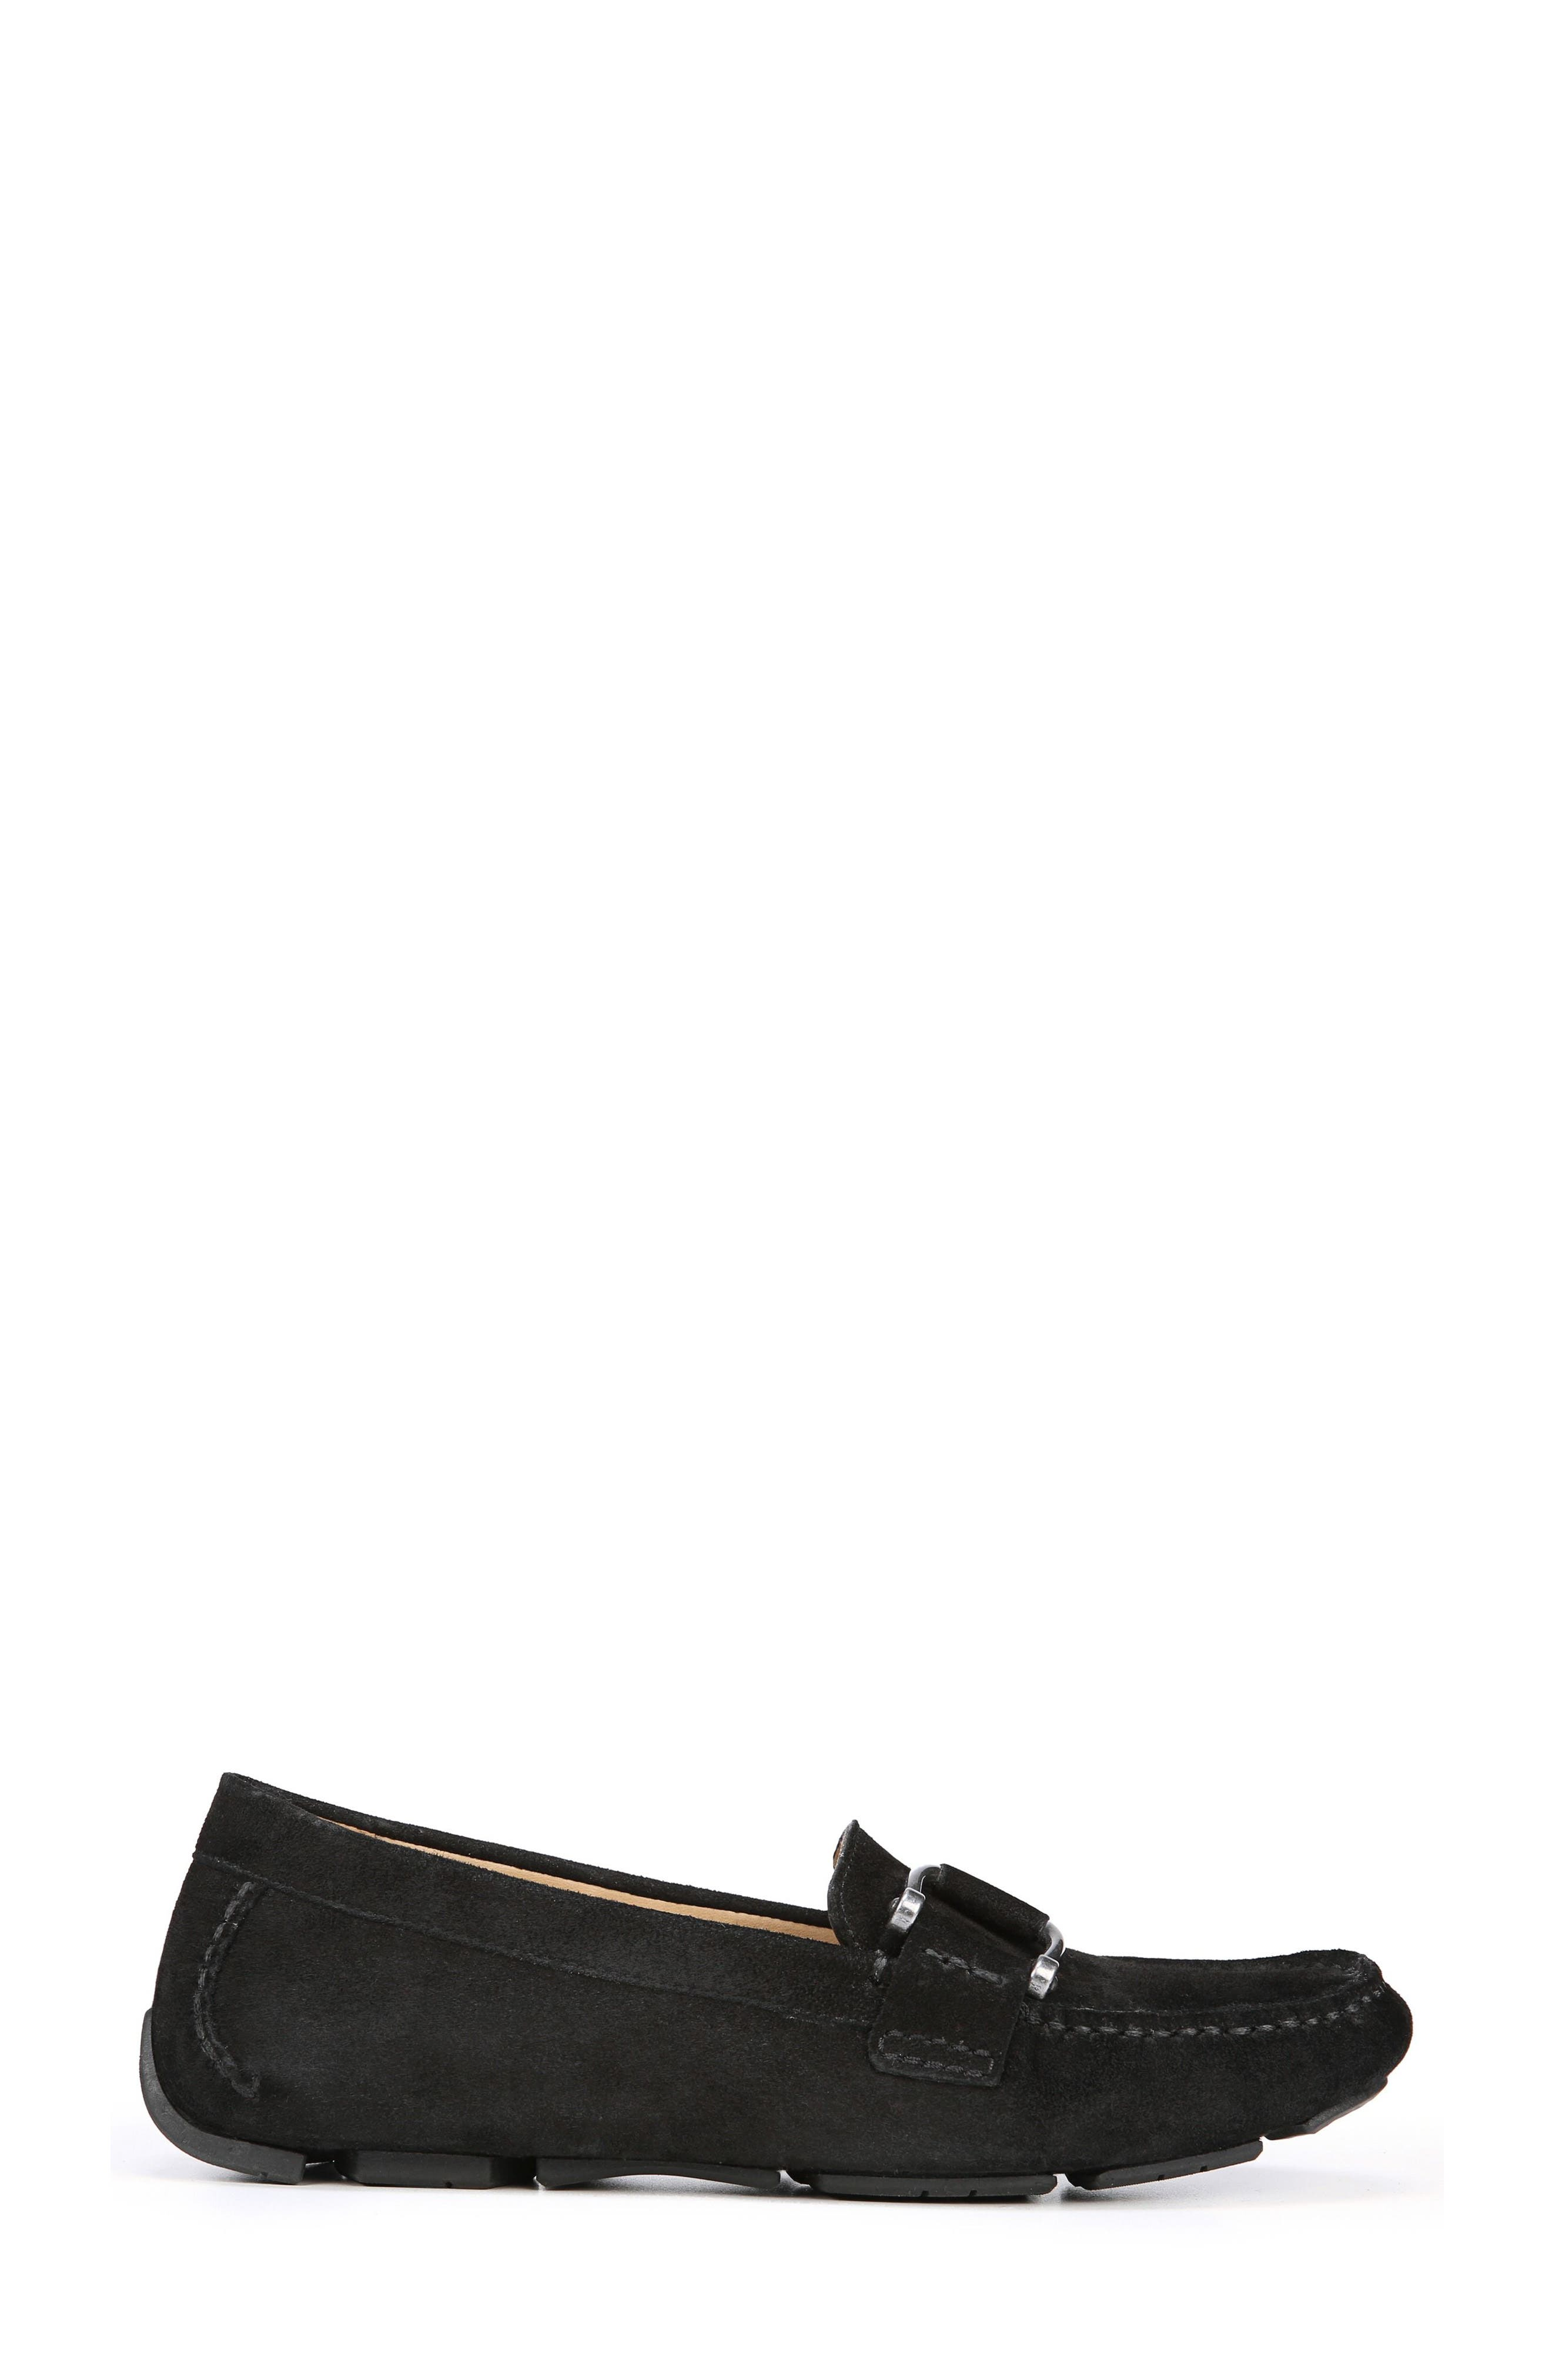 Nara Loafer,                             Alternate thumbnail 3, color,                             BLACK SUEDE